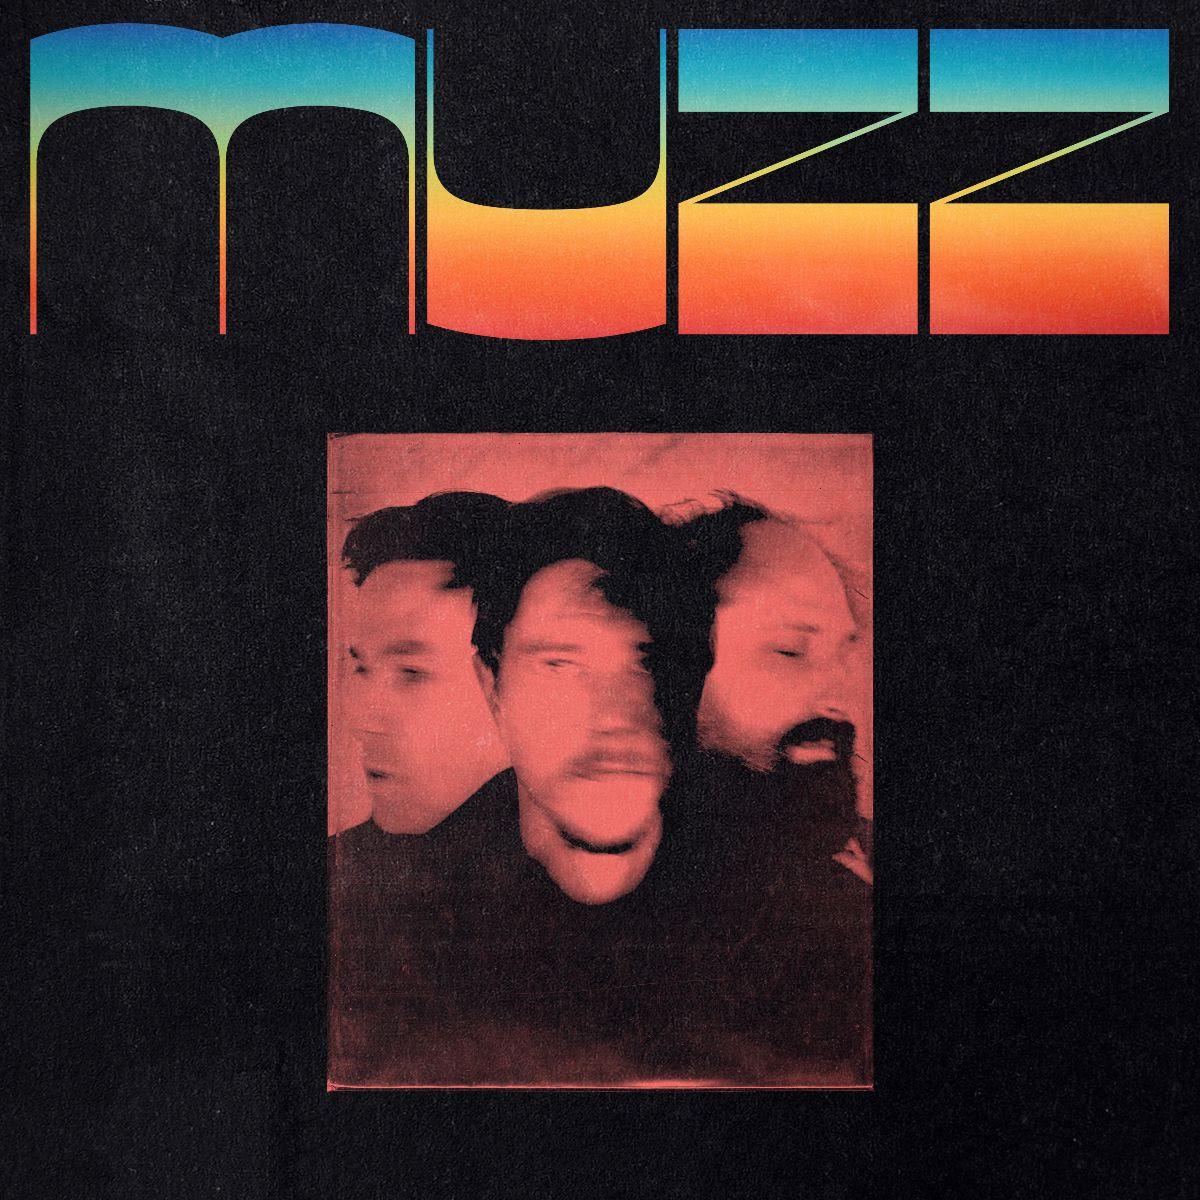 Muzz album artwork